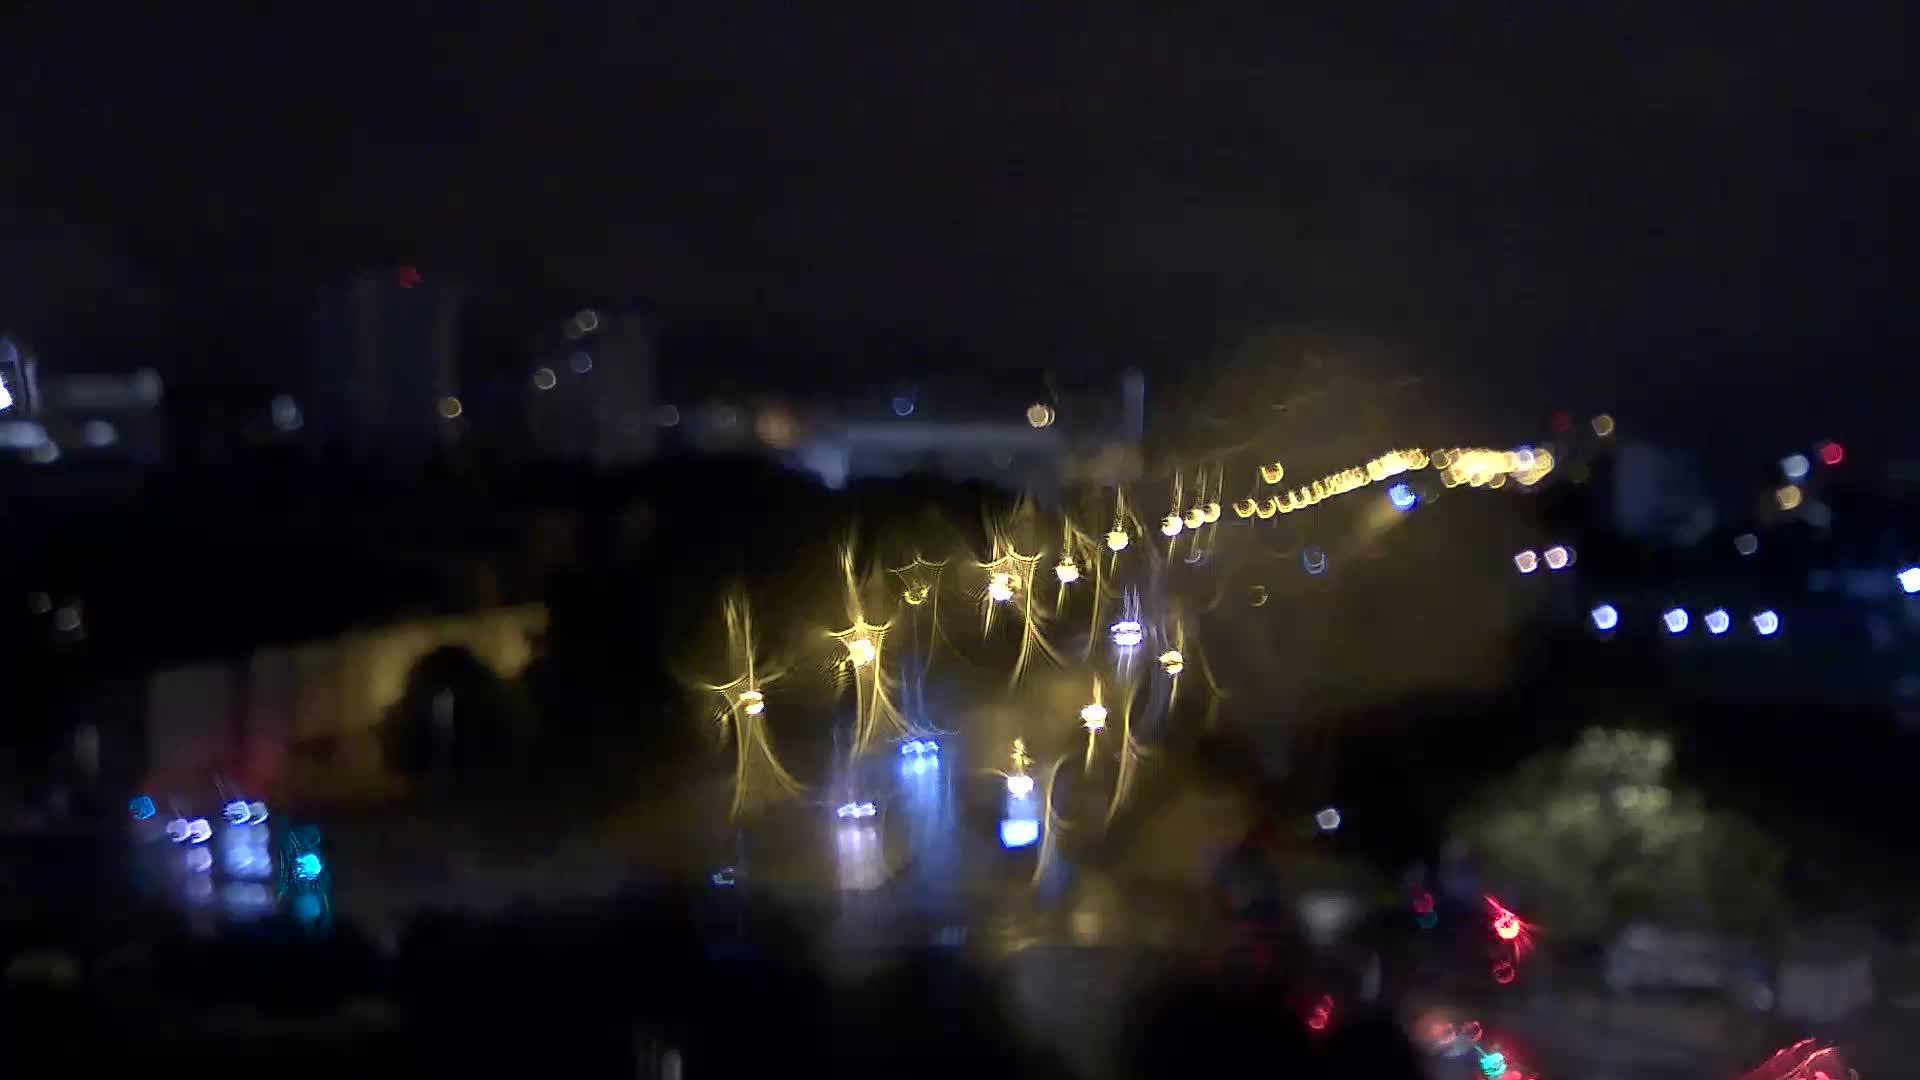 Paris Mon. 04:28